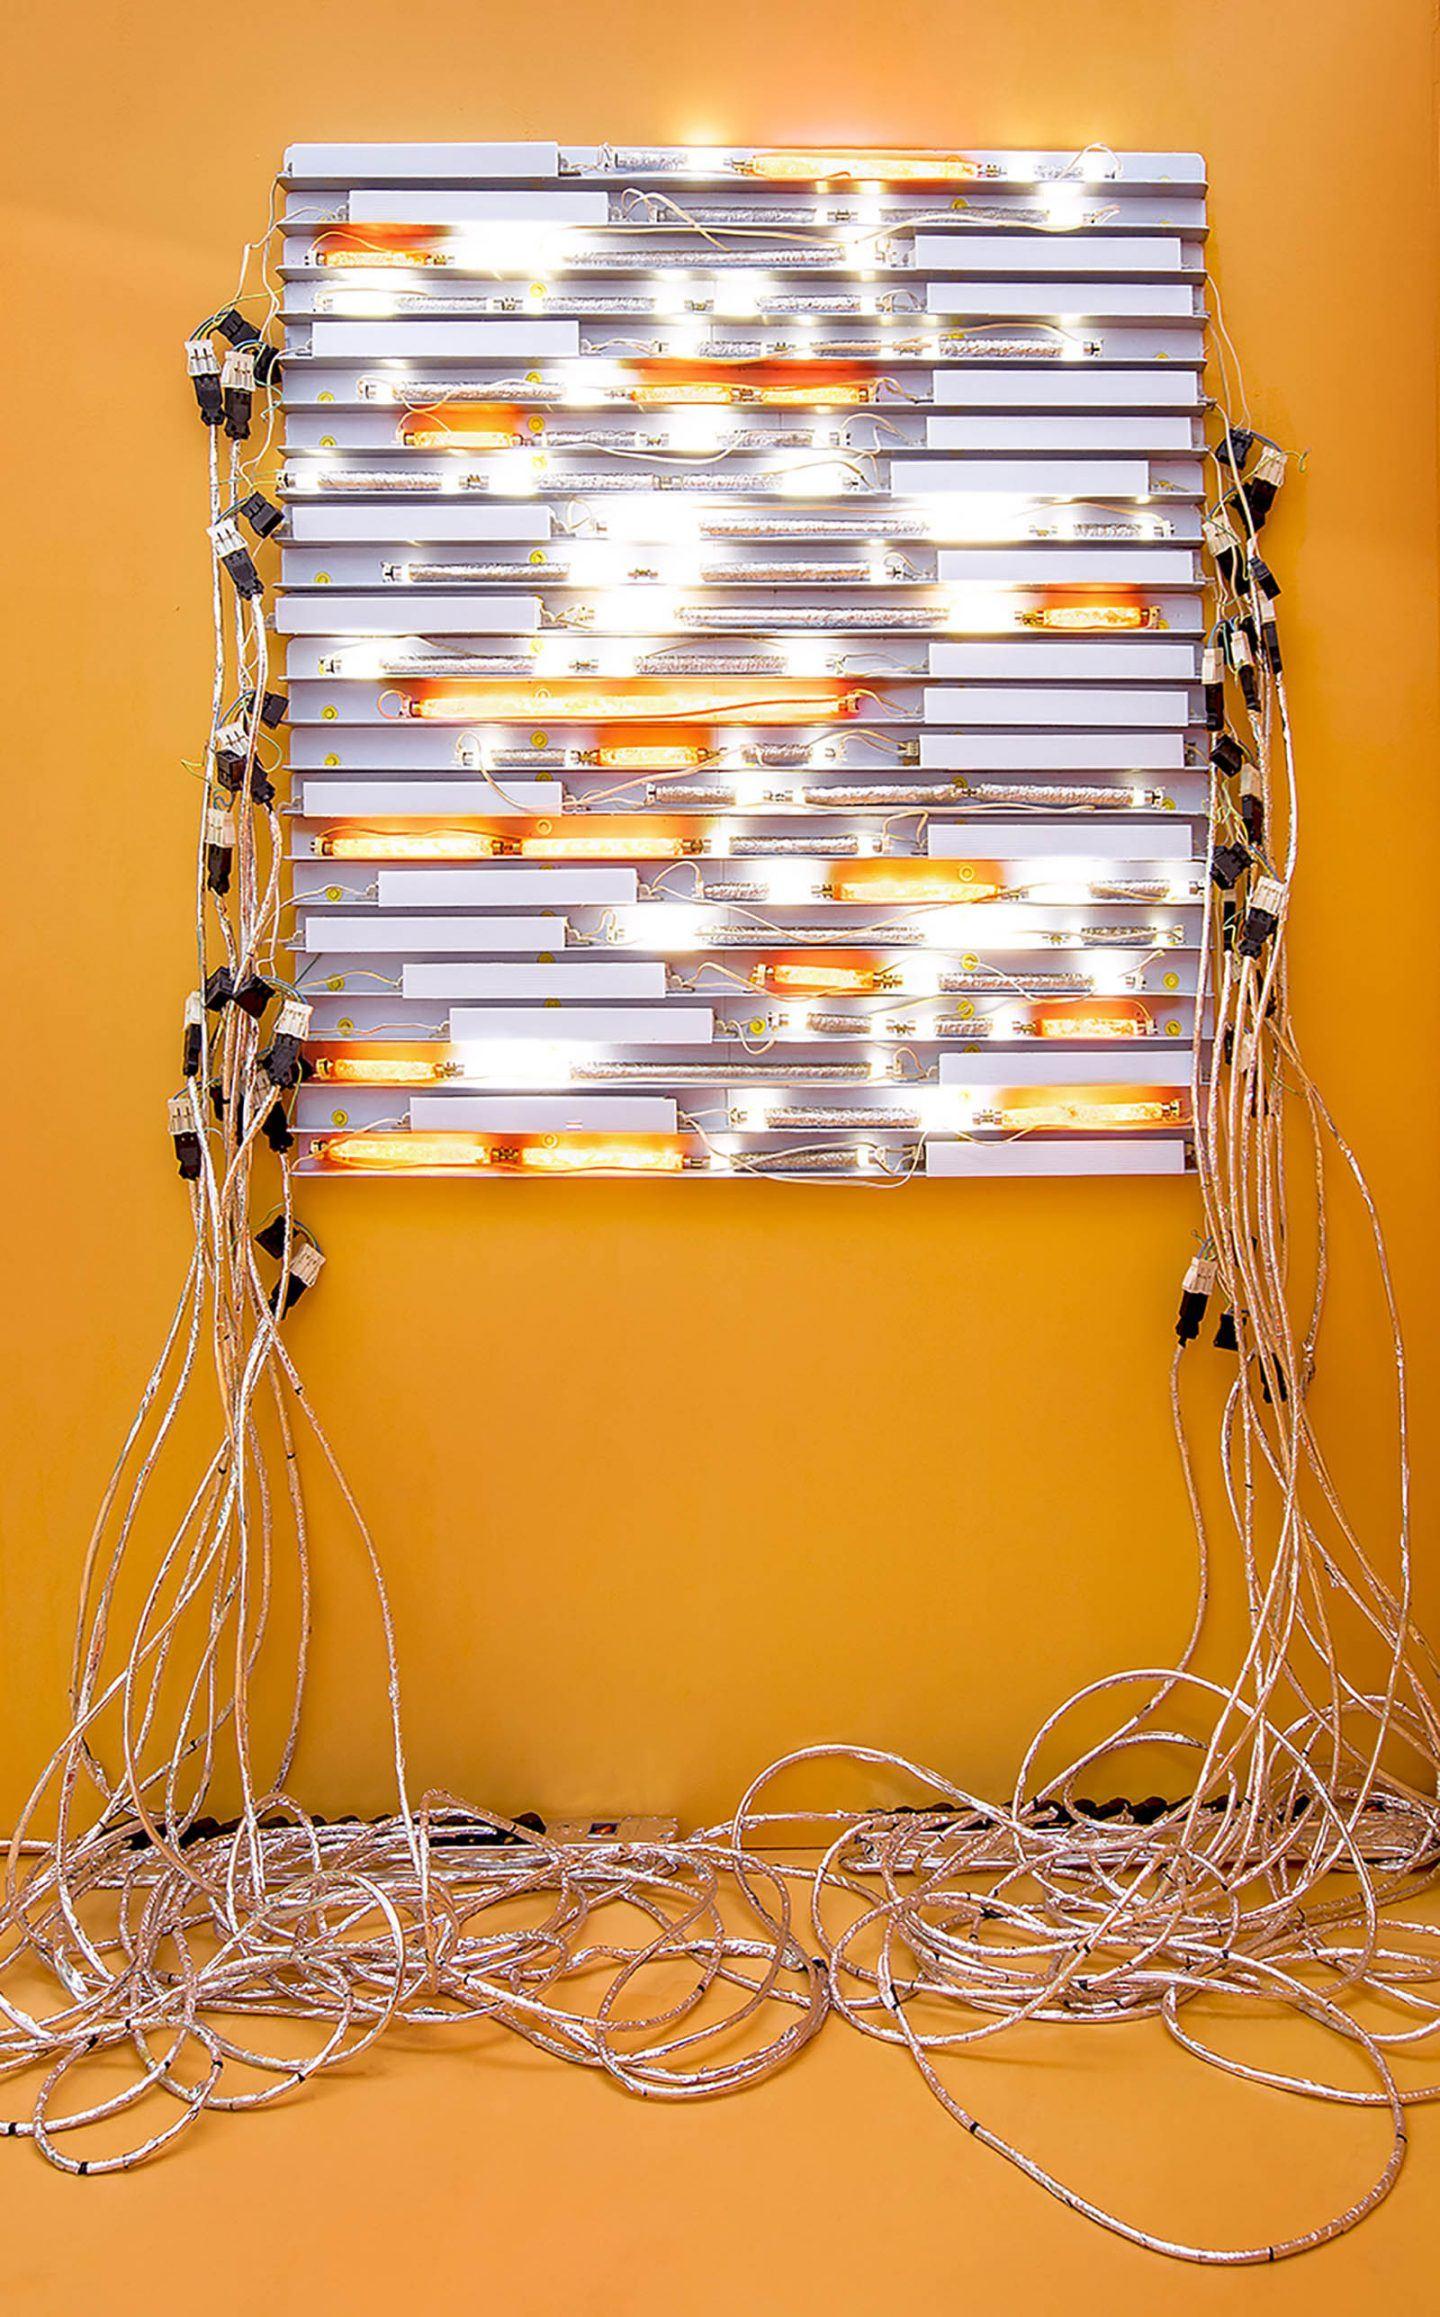 IGNANT-Art-Marleen-Sleeuwits-Installations-013